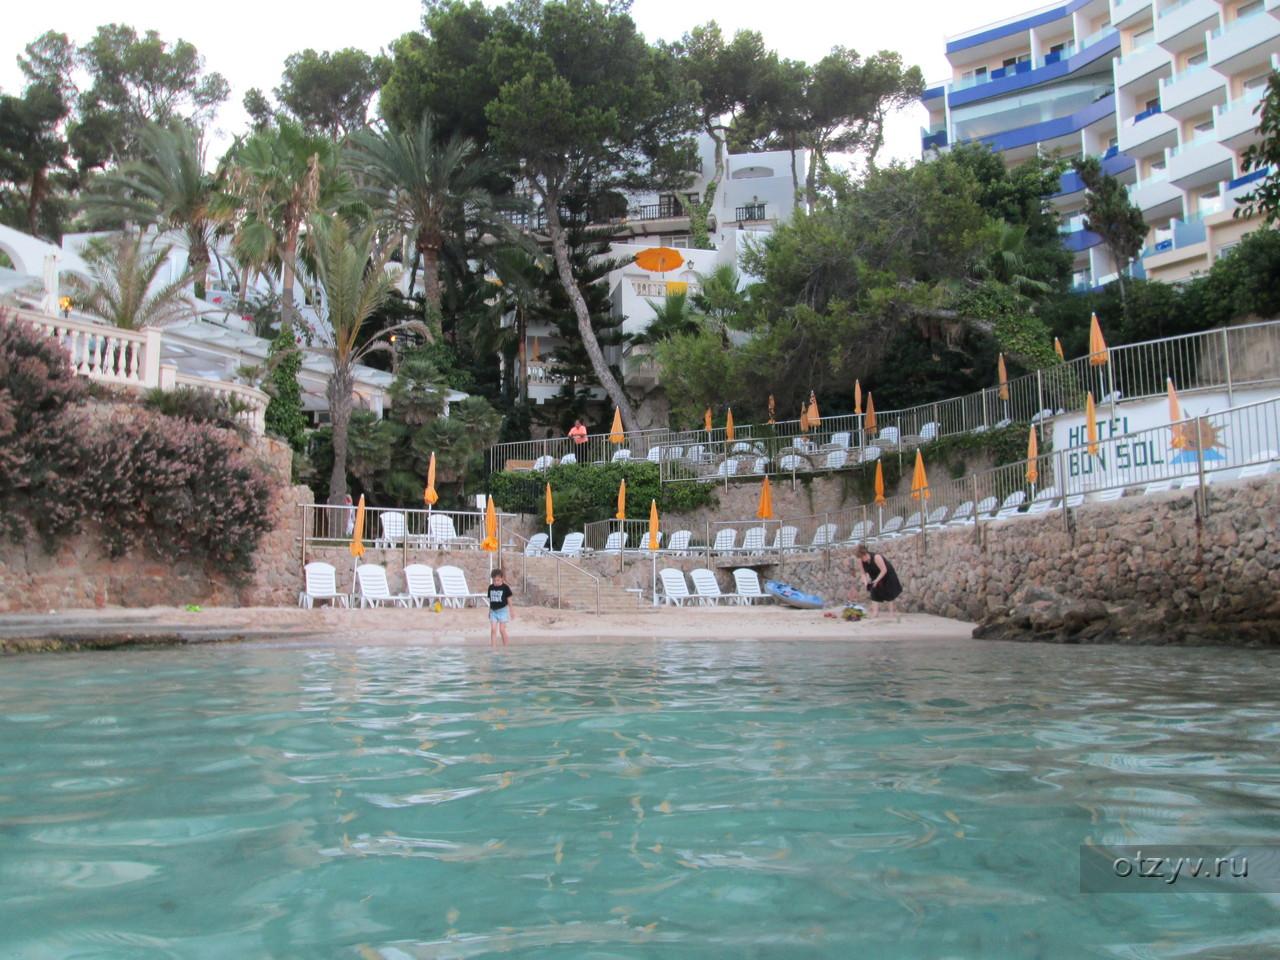 Отель с пляжем майорка фото